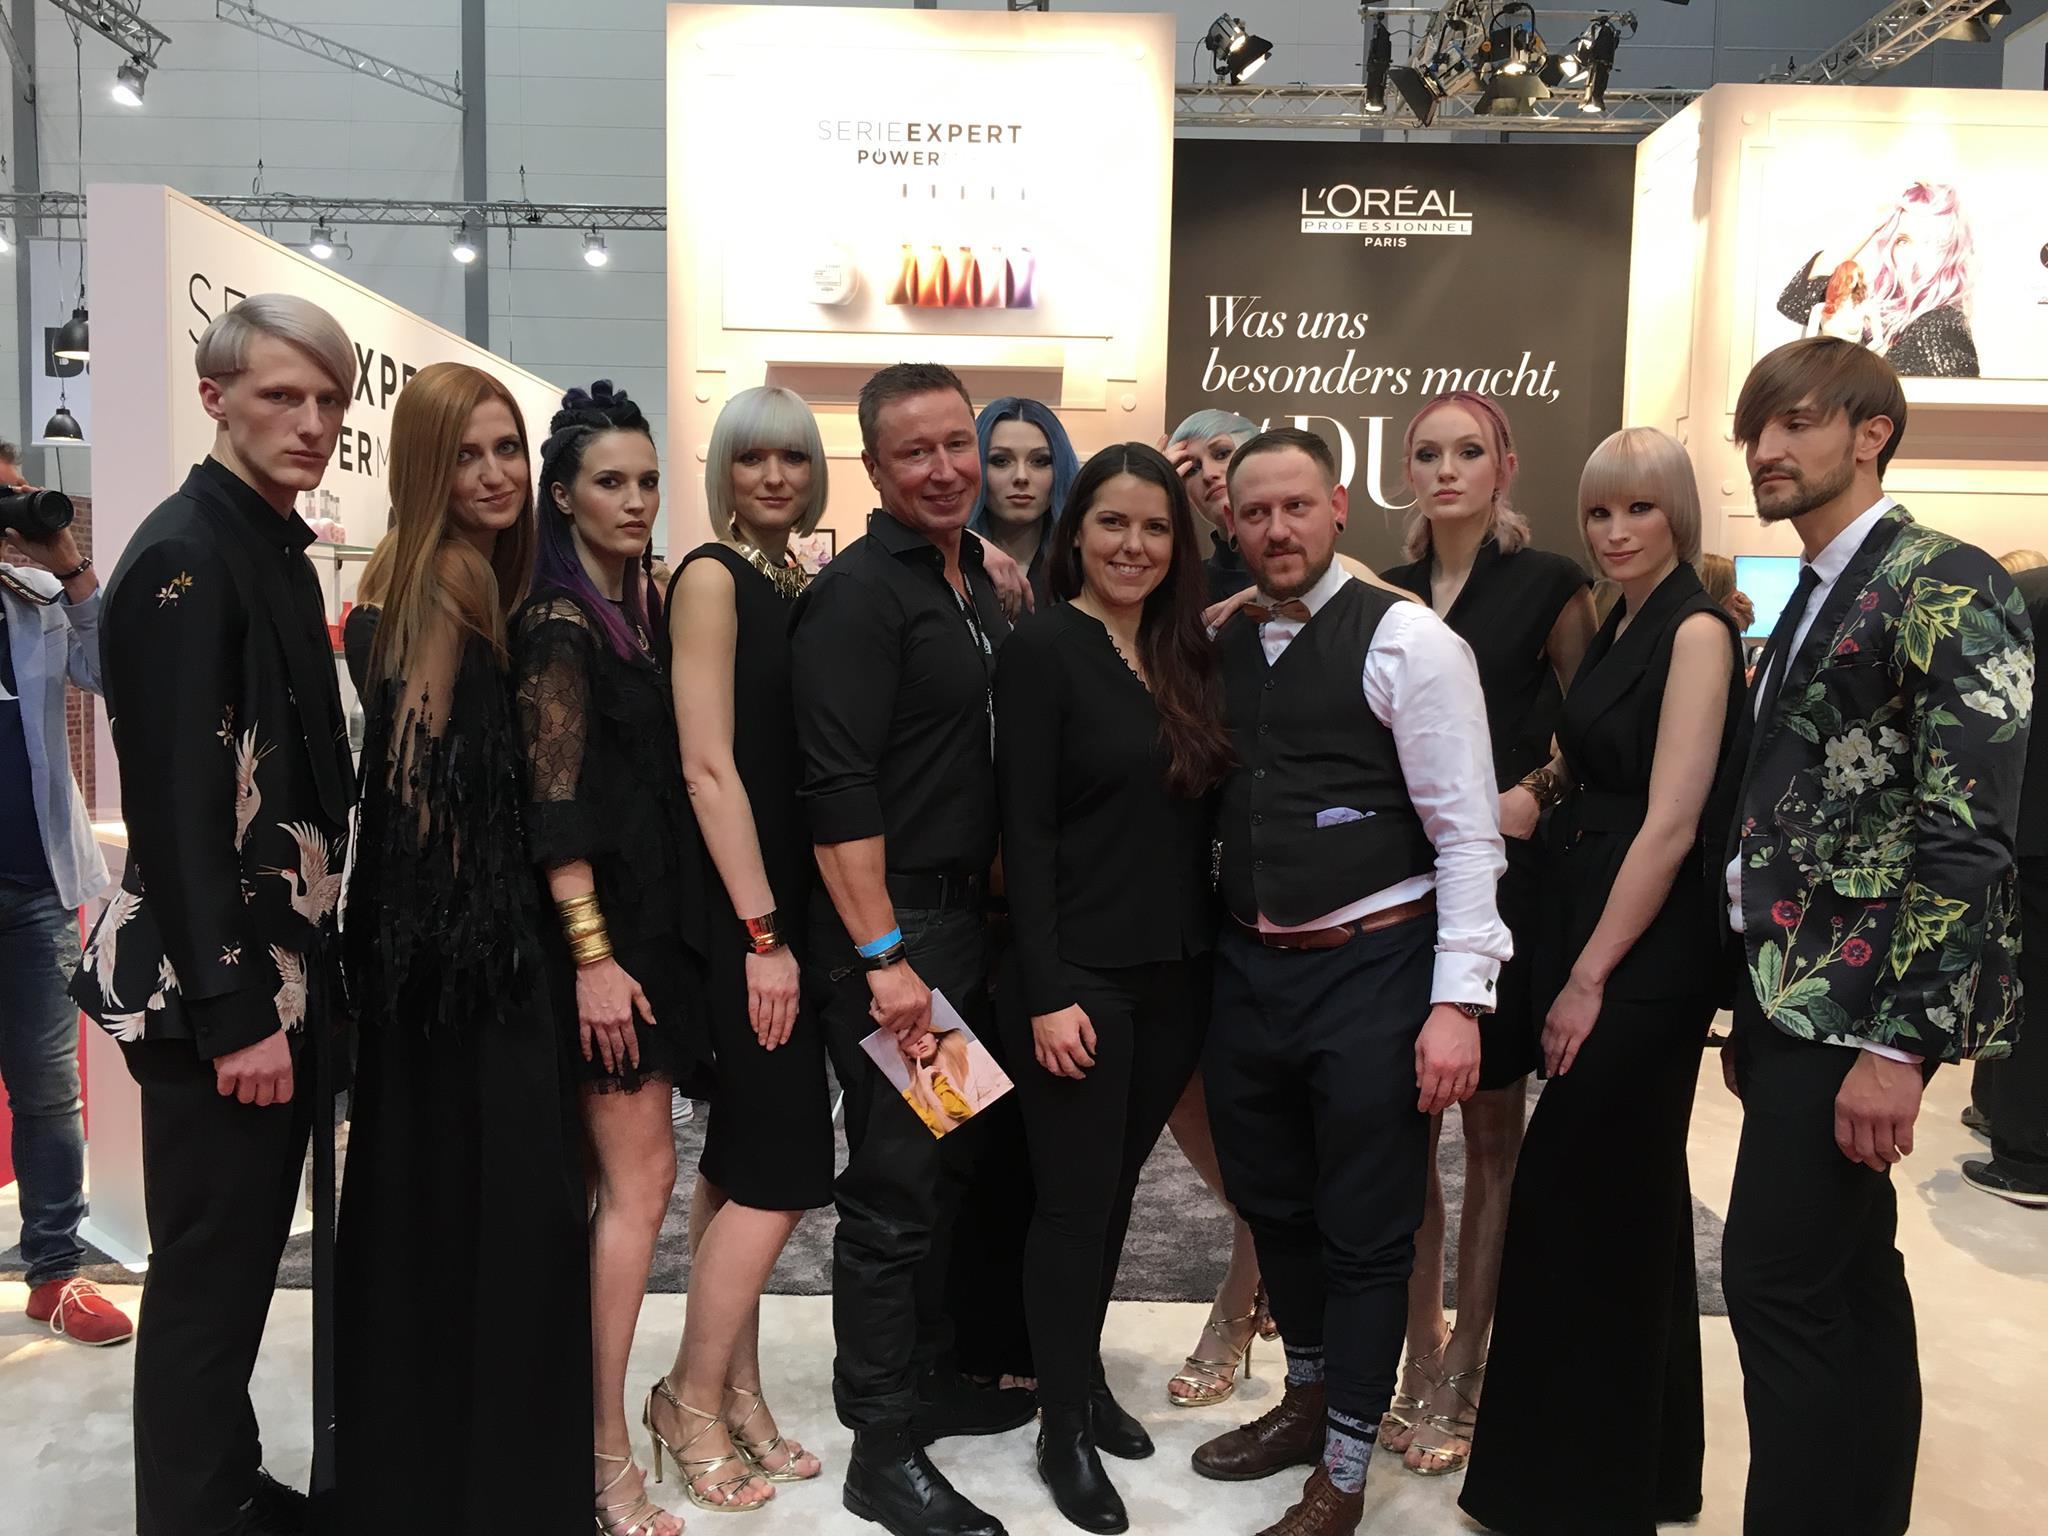 Friseur Ausbildung Stylist D Machts Group Akademy A heads Team Dennis Machts Hagen Krueger Katharina Seel Models